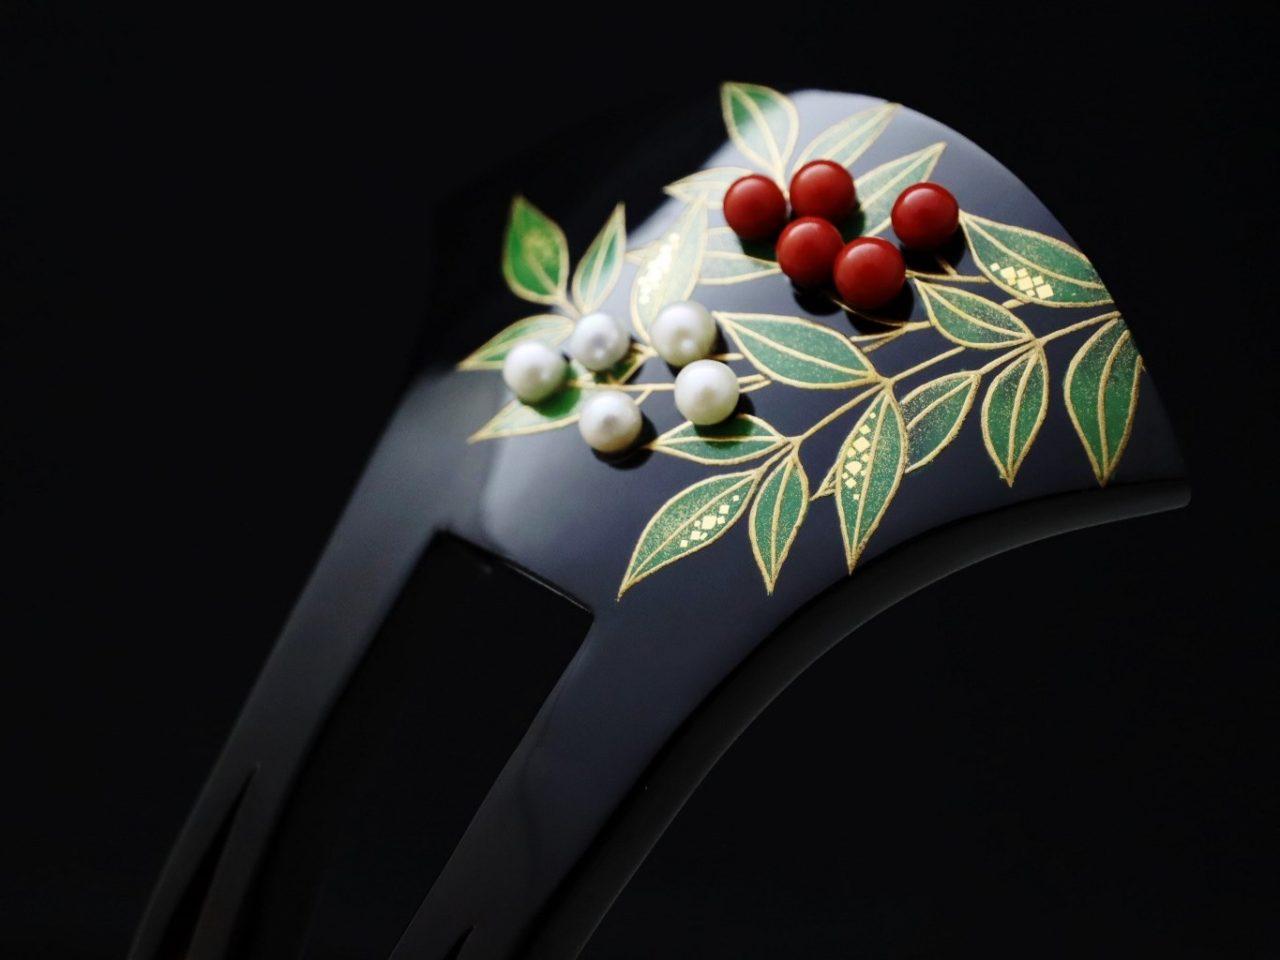 結婚式、おめでたい式典などにお勧めな縁起物のべっ甲南天雀金蒔絵かんざし2020・②